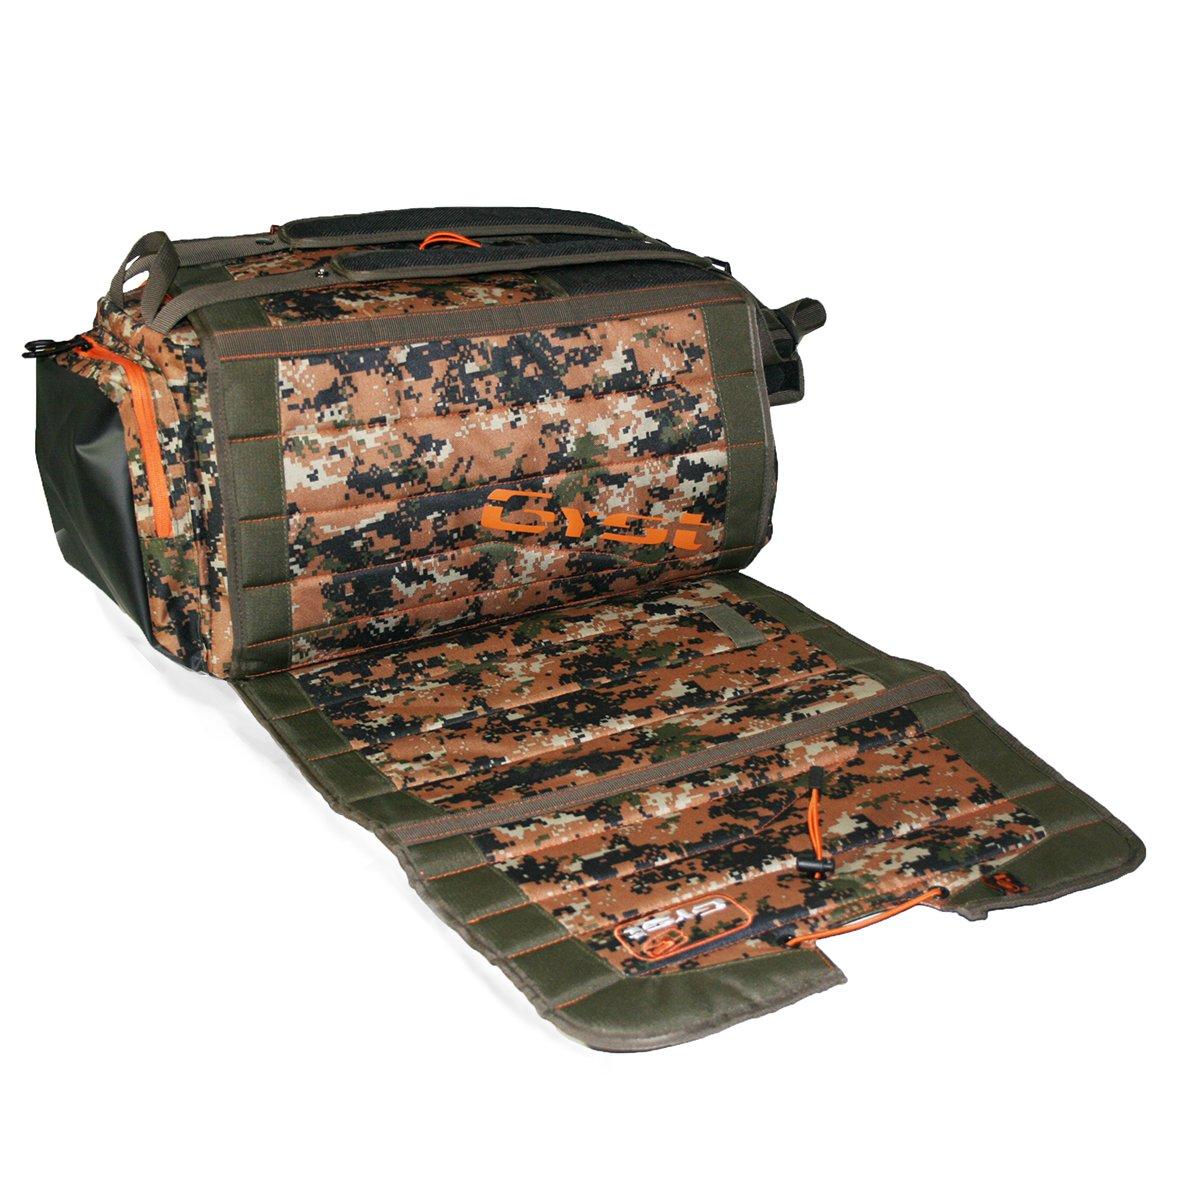 GYST DB1-15 Duffel Bag